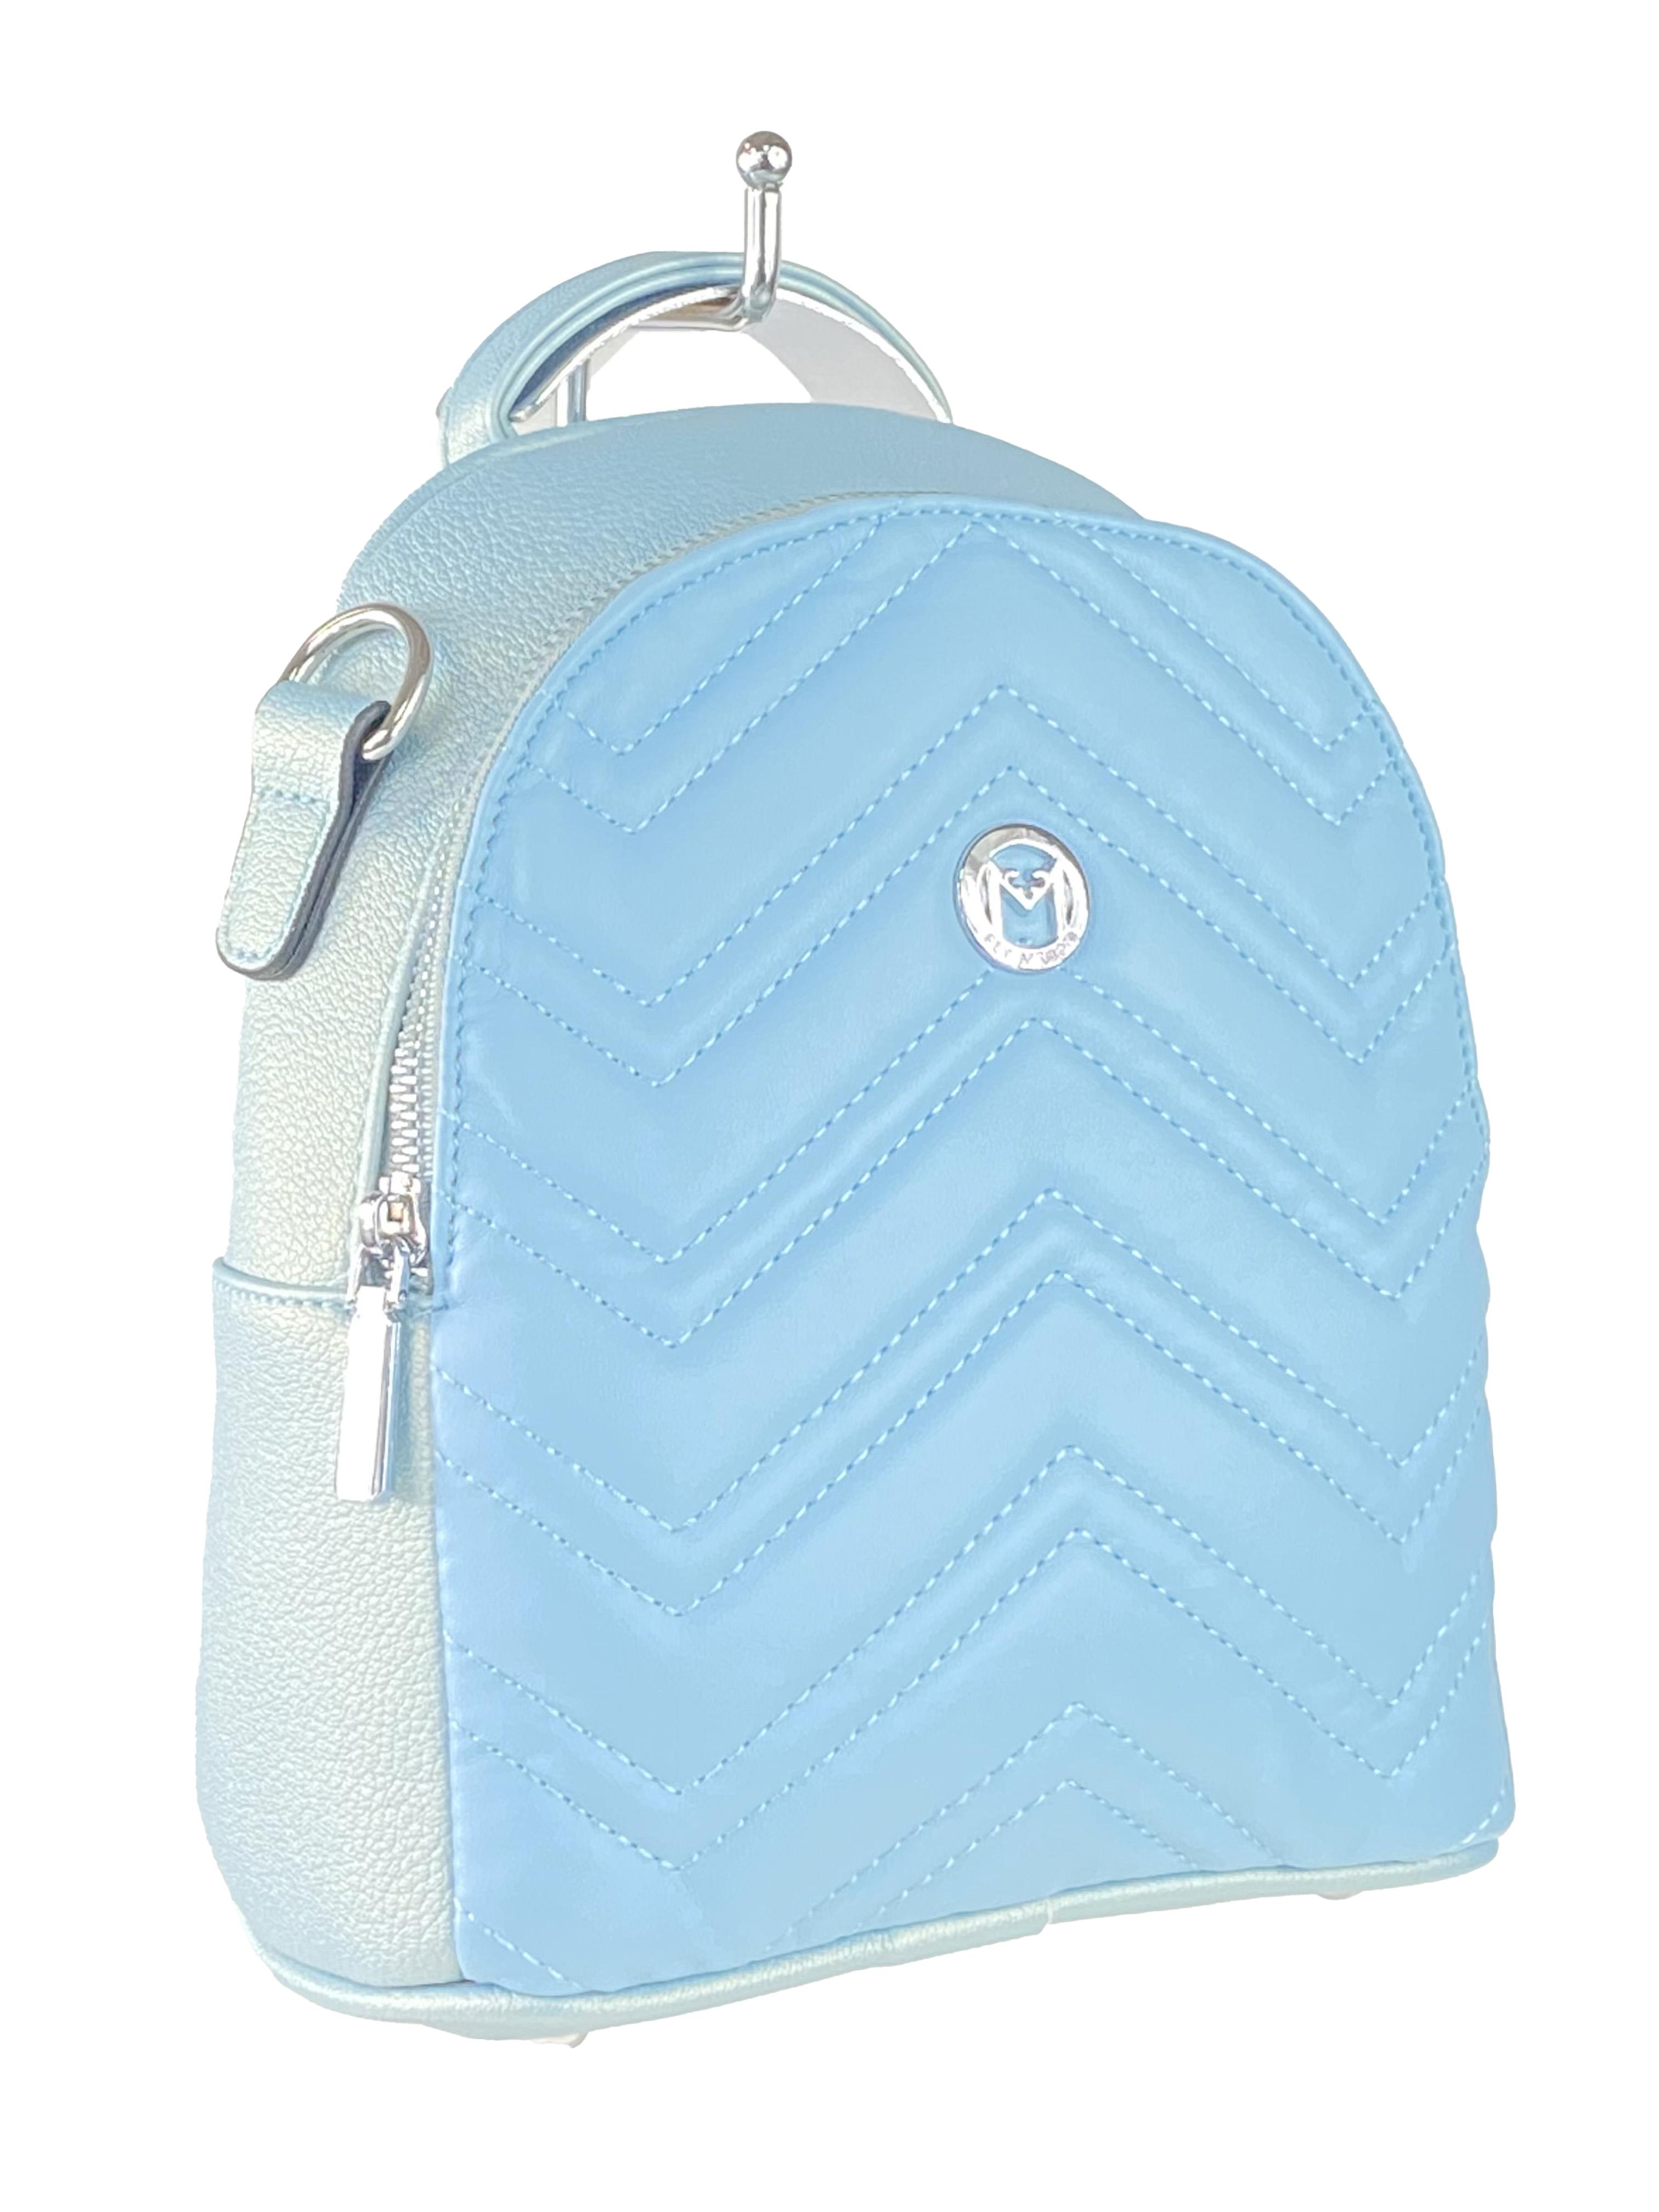 Женский стёганый рюкзачок-трансформер из экокожи, цвет голубой с перламутром